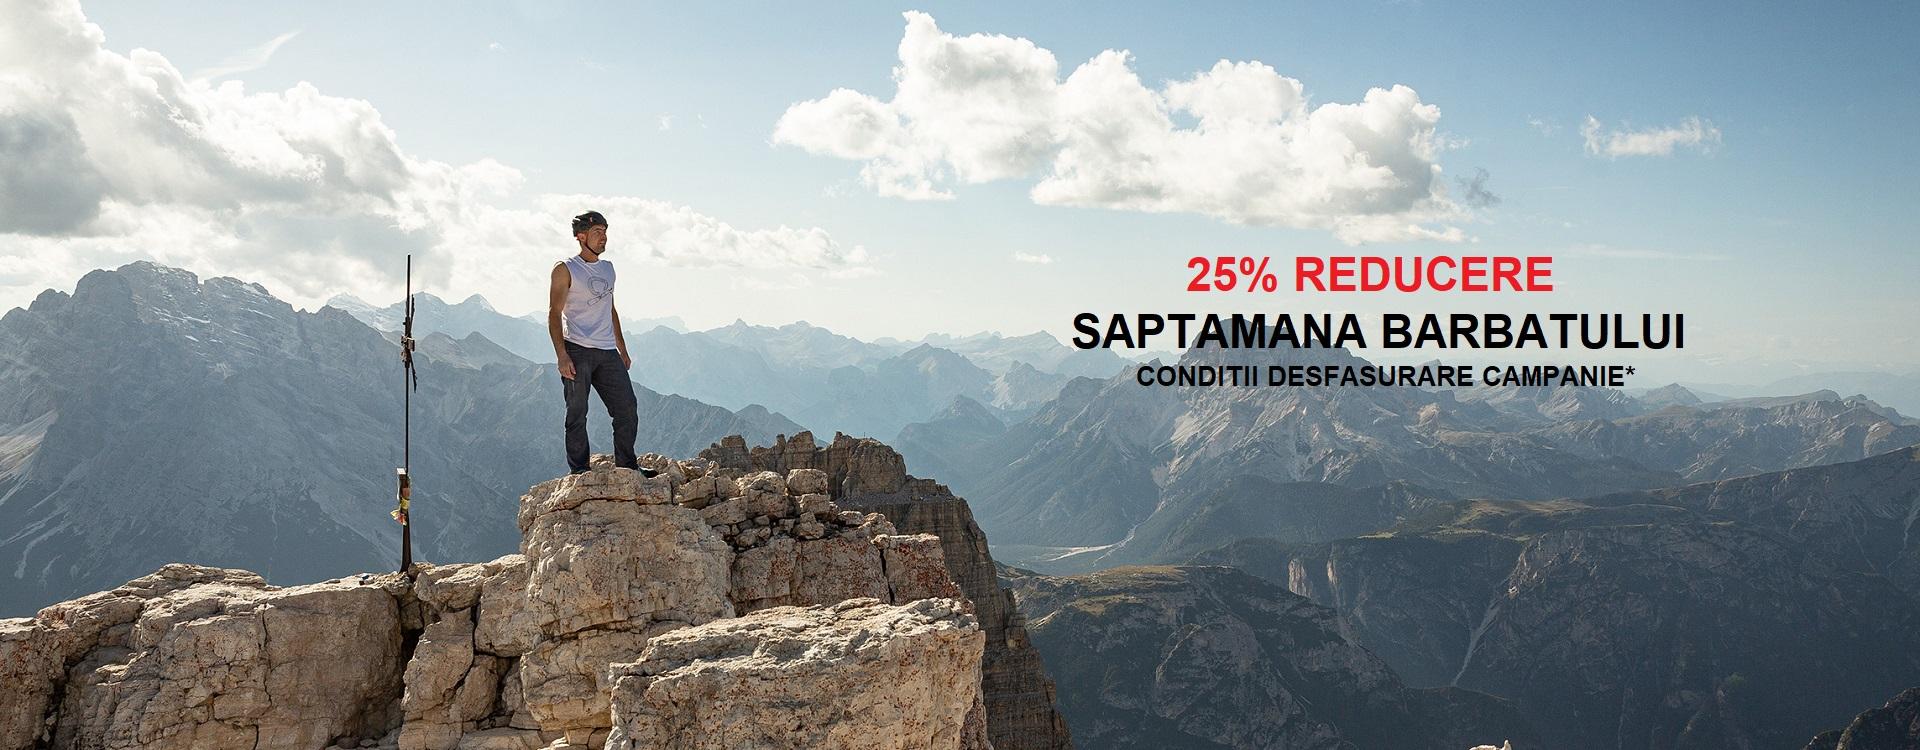 SAPTAMANA BARBATULUI 25% REDUCERE